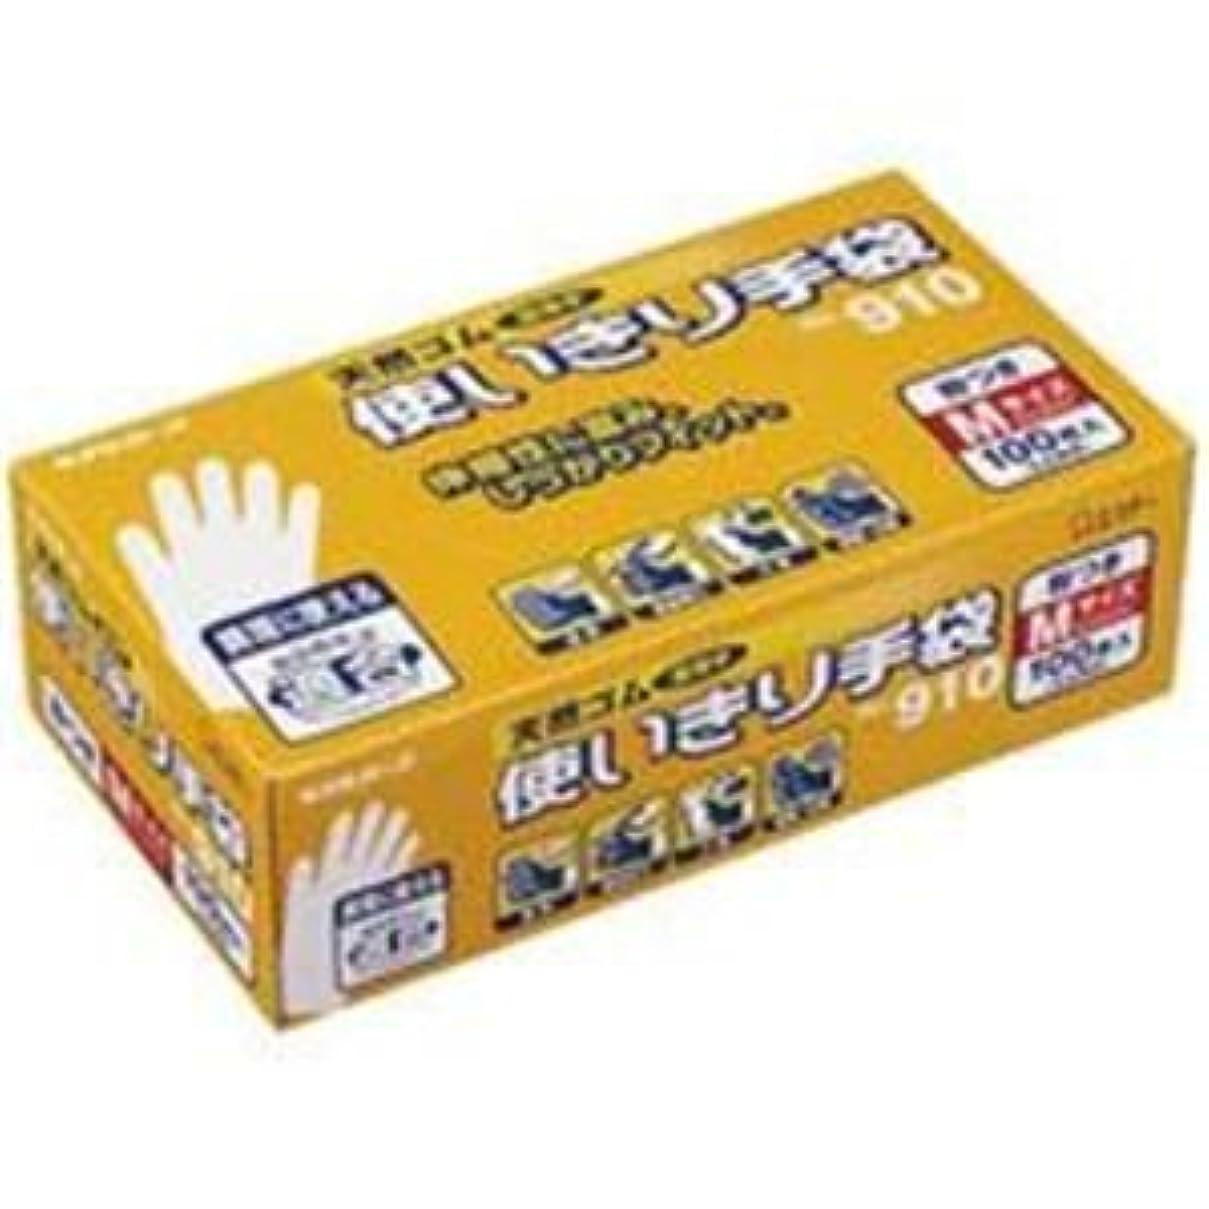 フィッティング属性統治するエステー 天然ゴム使い切り手袋/作業用手袋 [No.910/L 12箱]